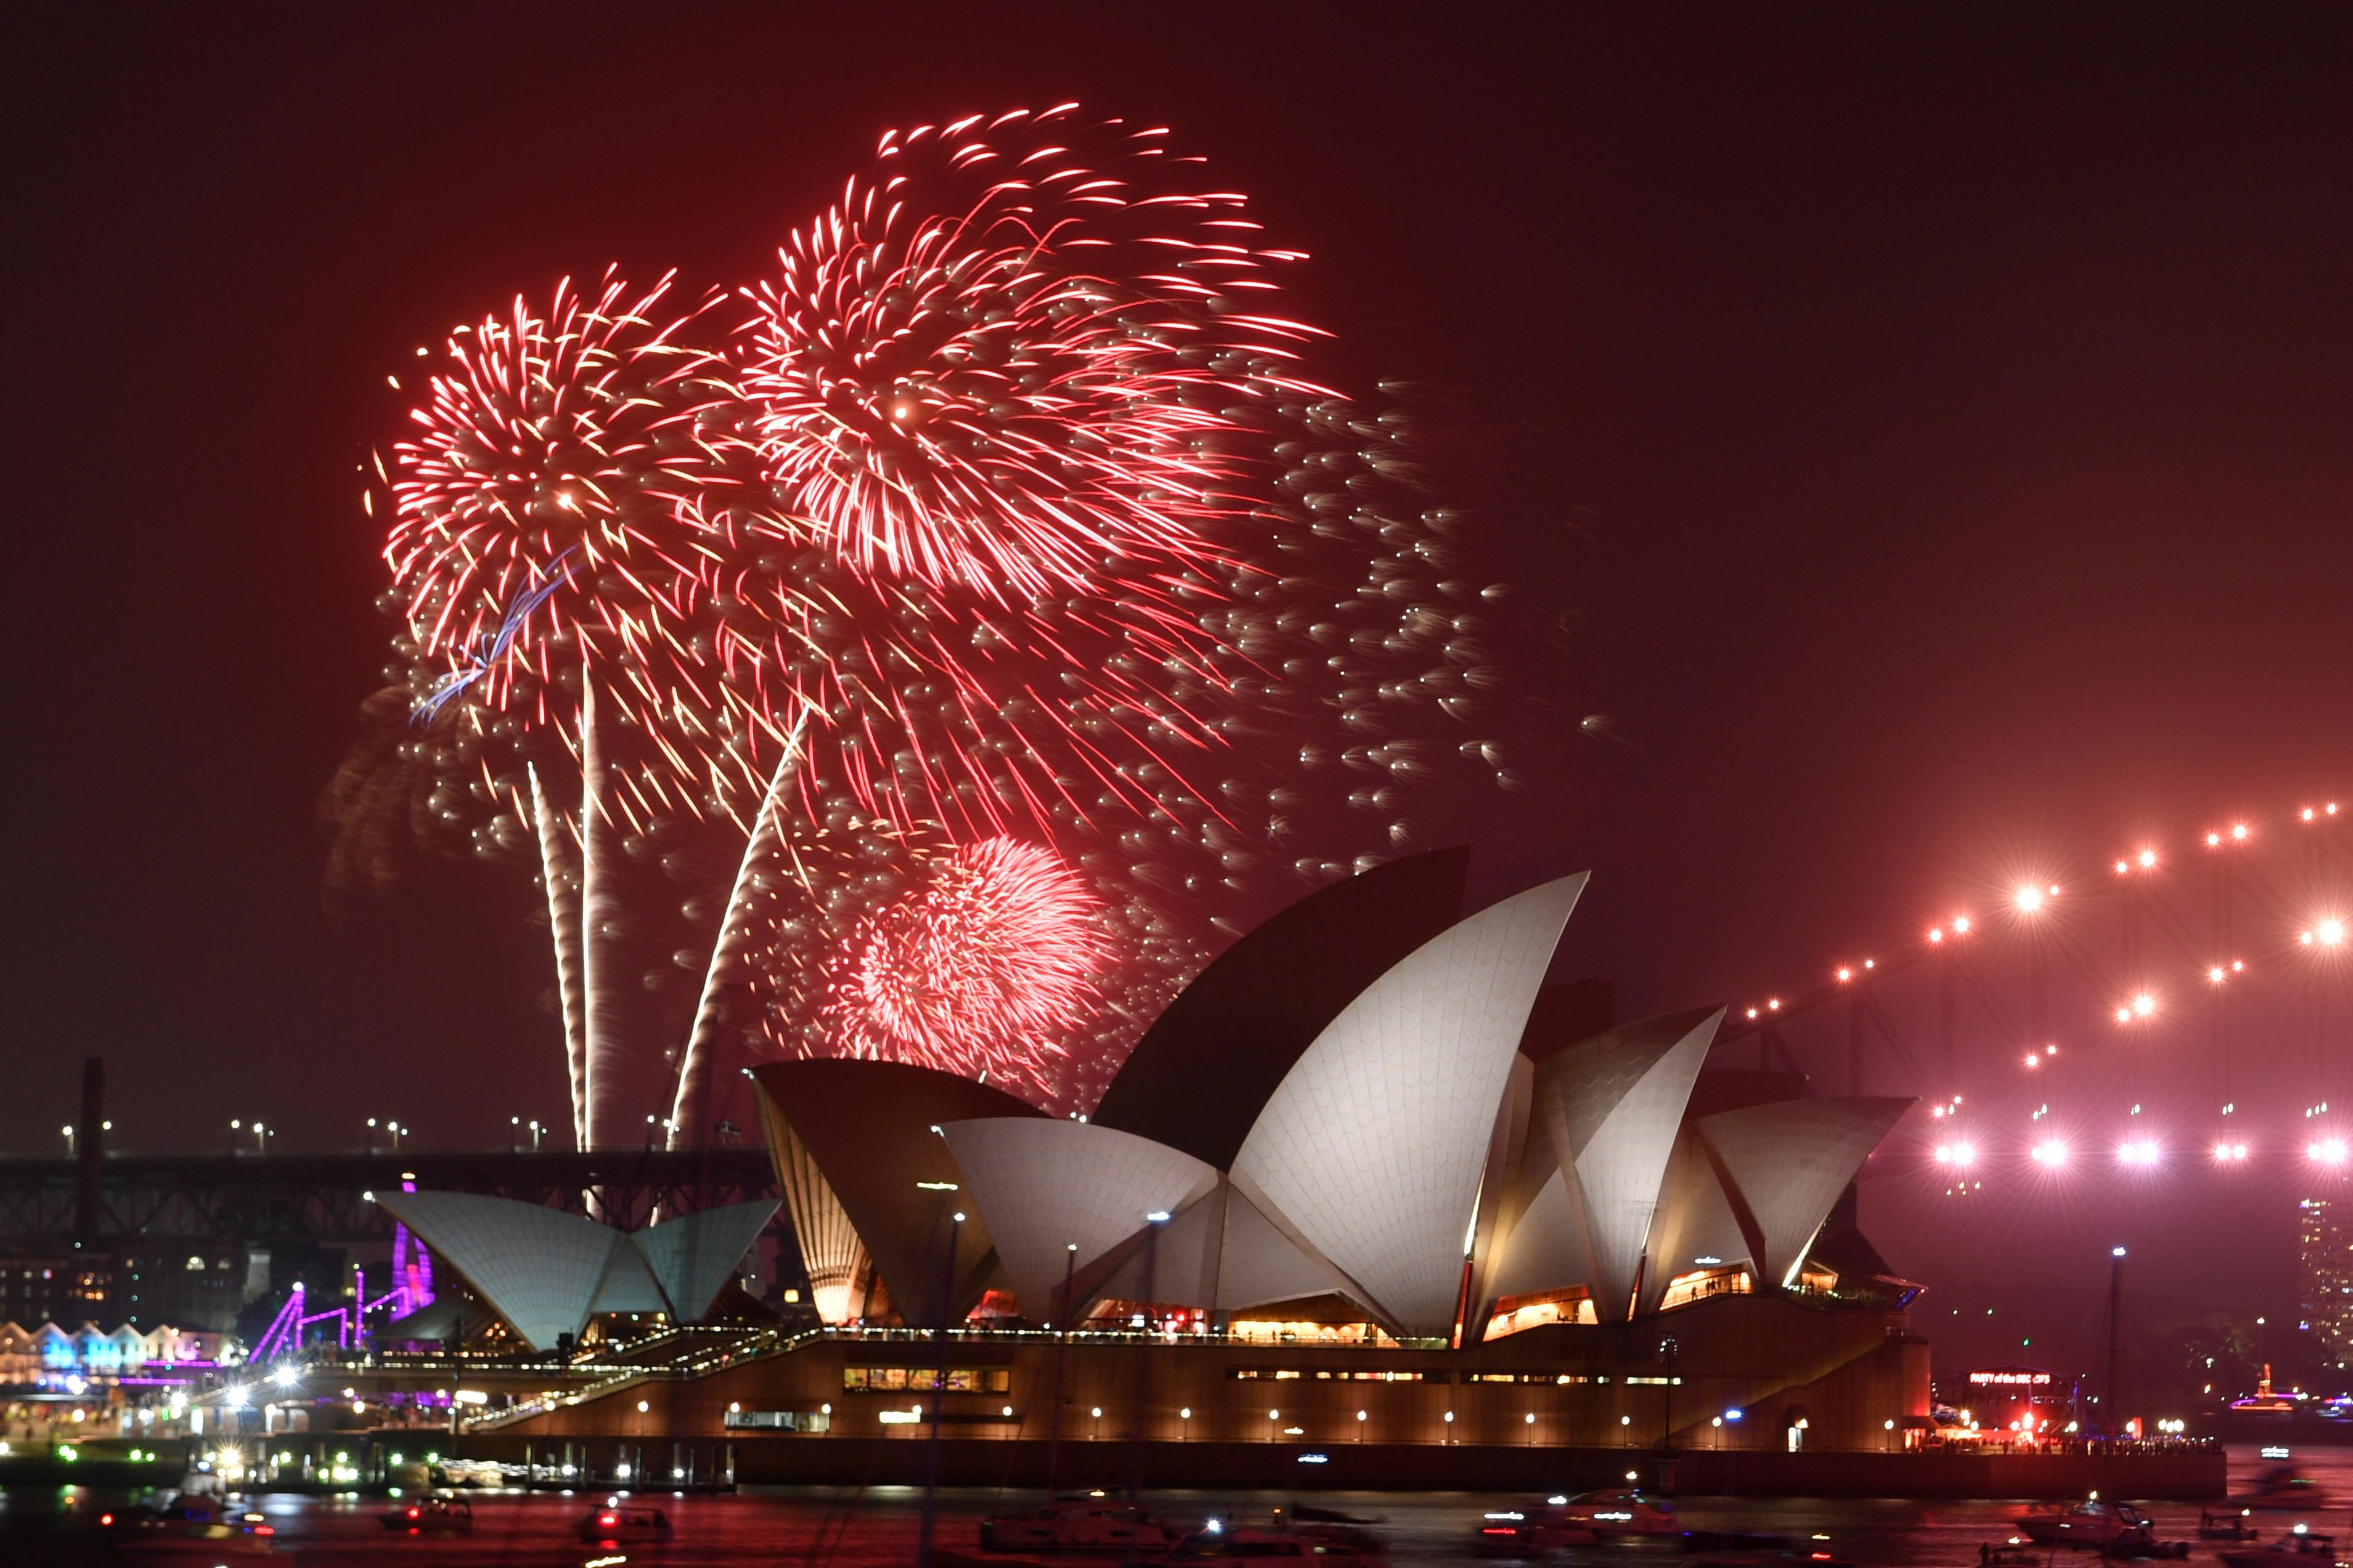 Μπήκε το 2020! Ένα… χρόνο μπροστά Αυστραλία και Νέα Ζηλανδία [video]